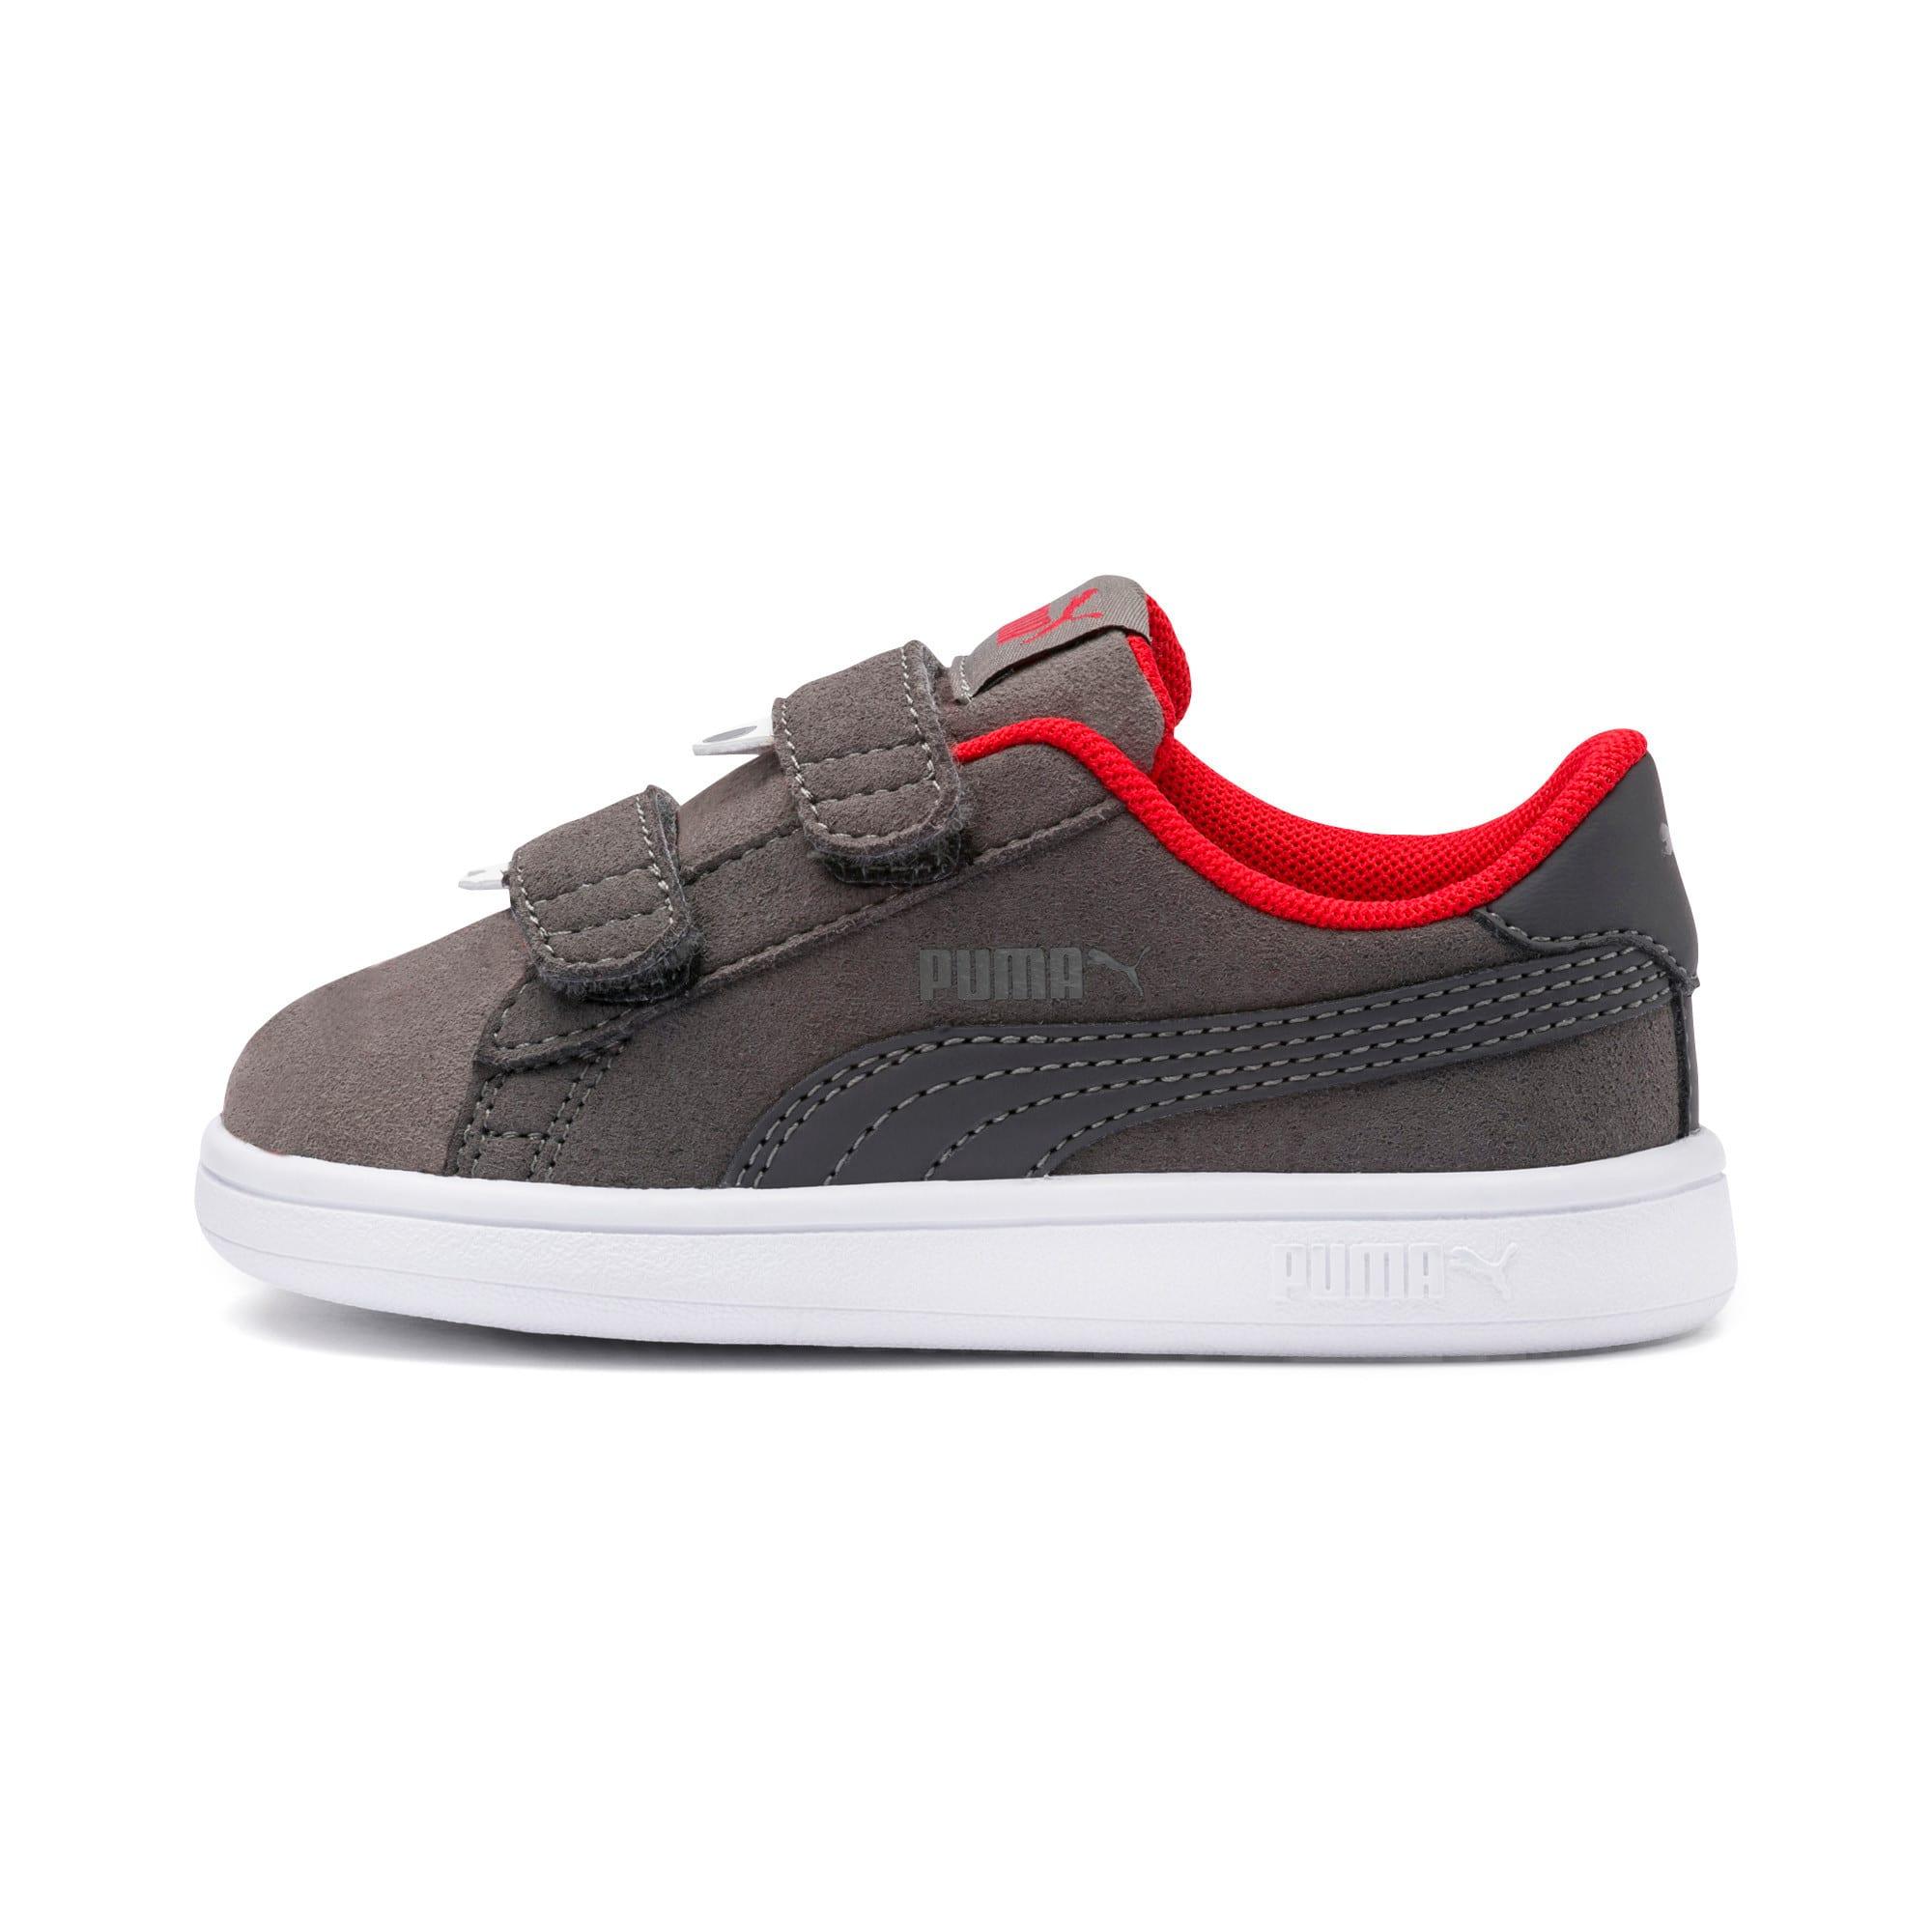 Thumbnail 1 of Smash v2 Monster Kinder Sneaker, Asphalt-C. Gray-Red-White, medium